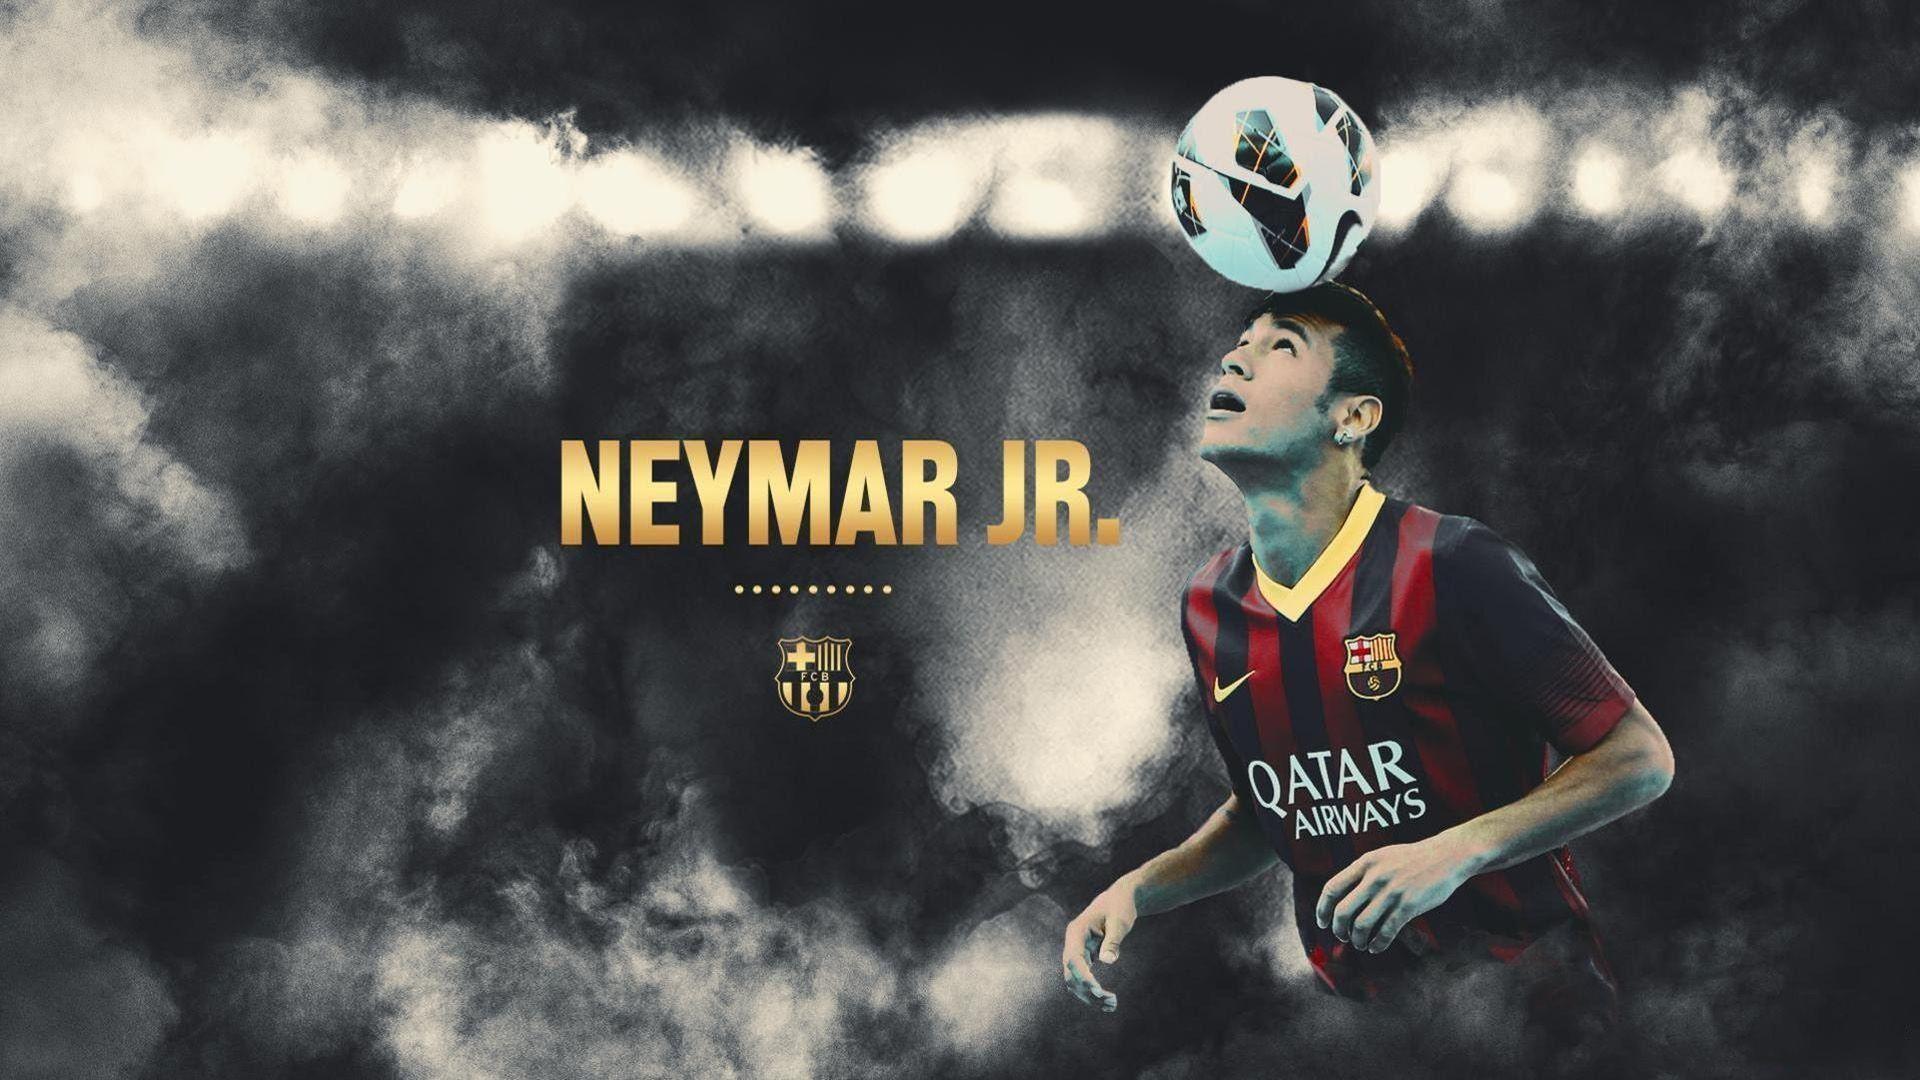 Cool Neymar Wallpapers HD | PixelsTalk.Net